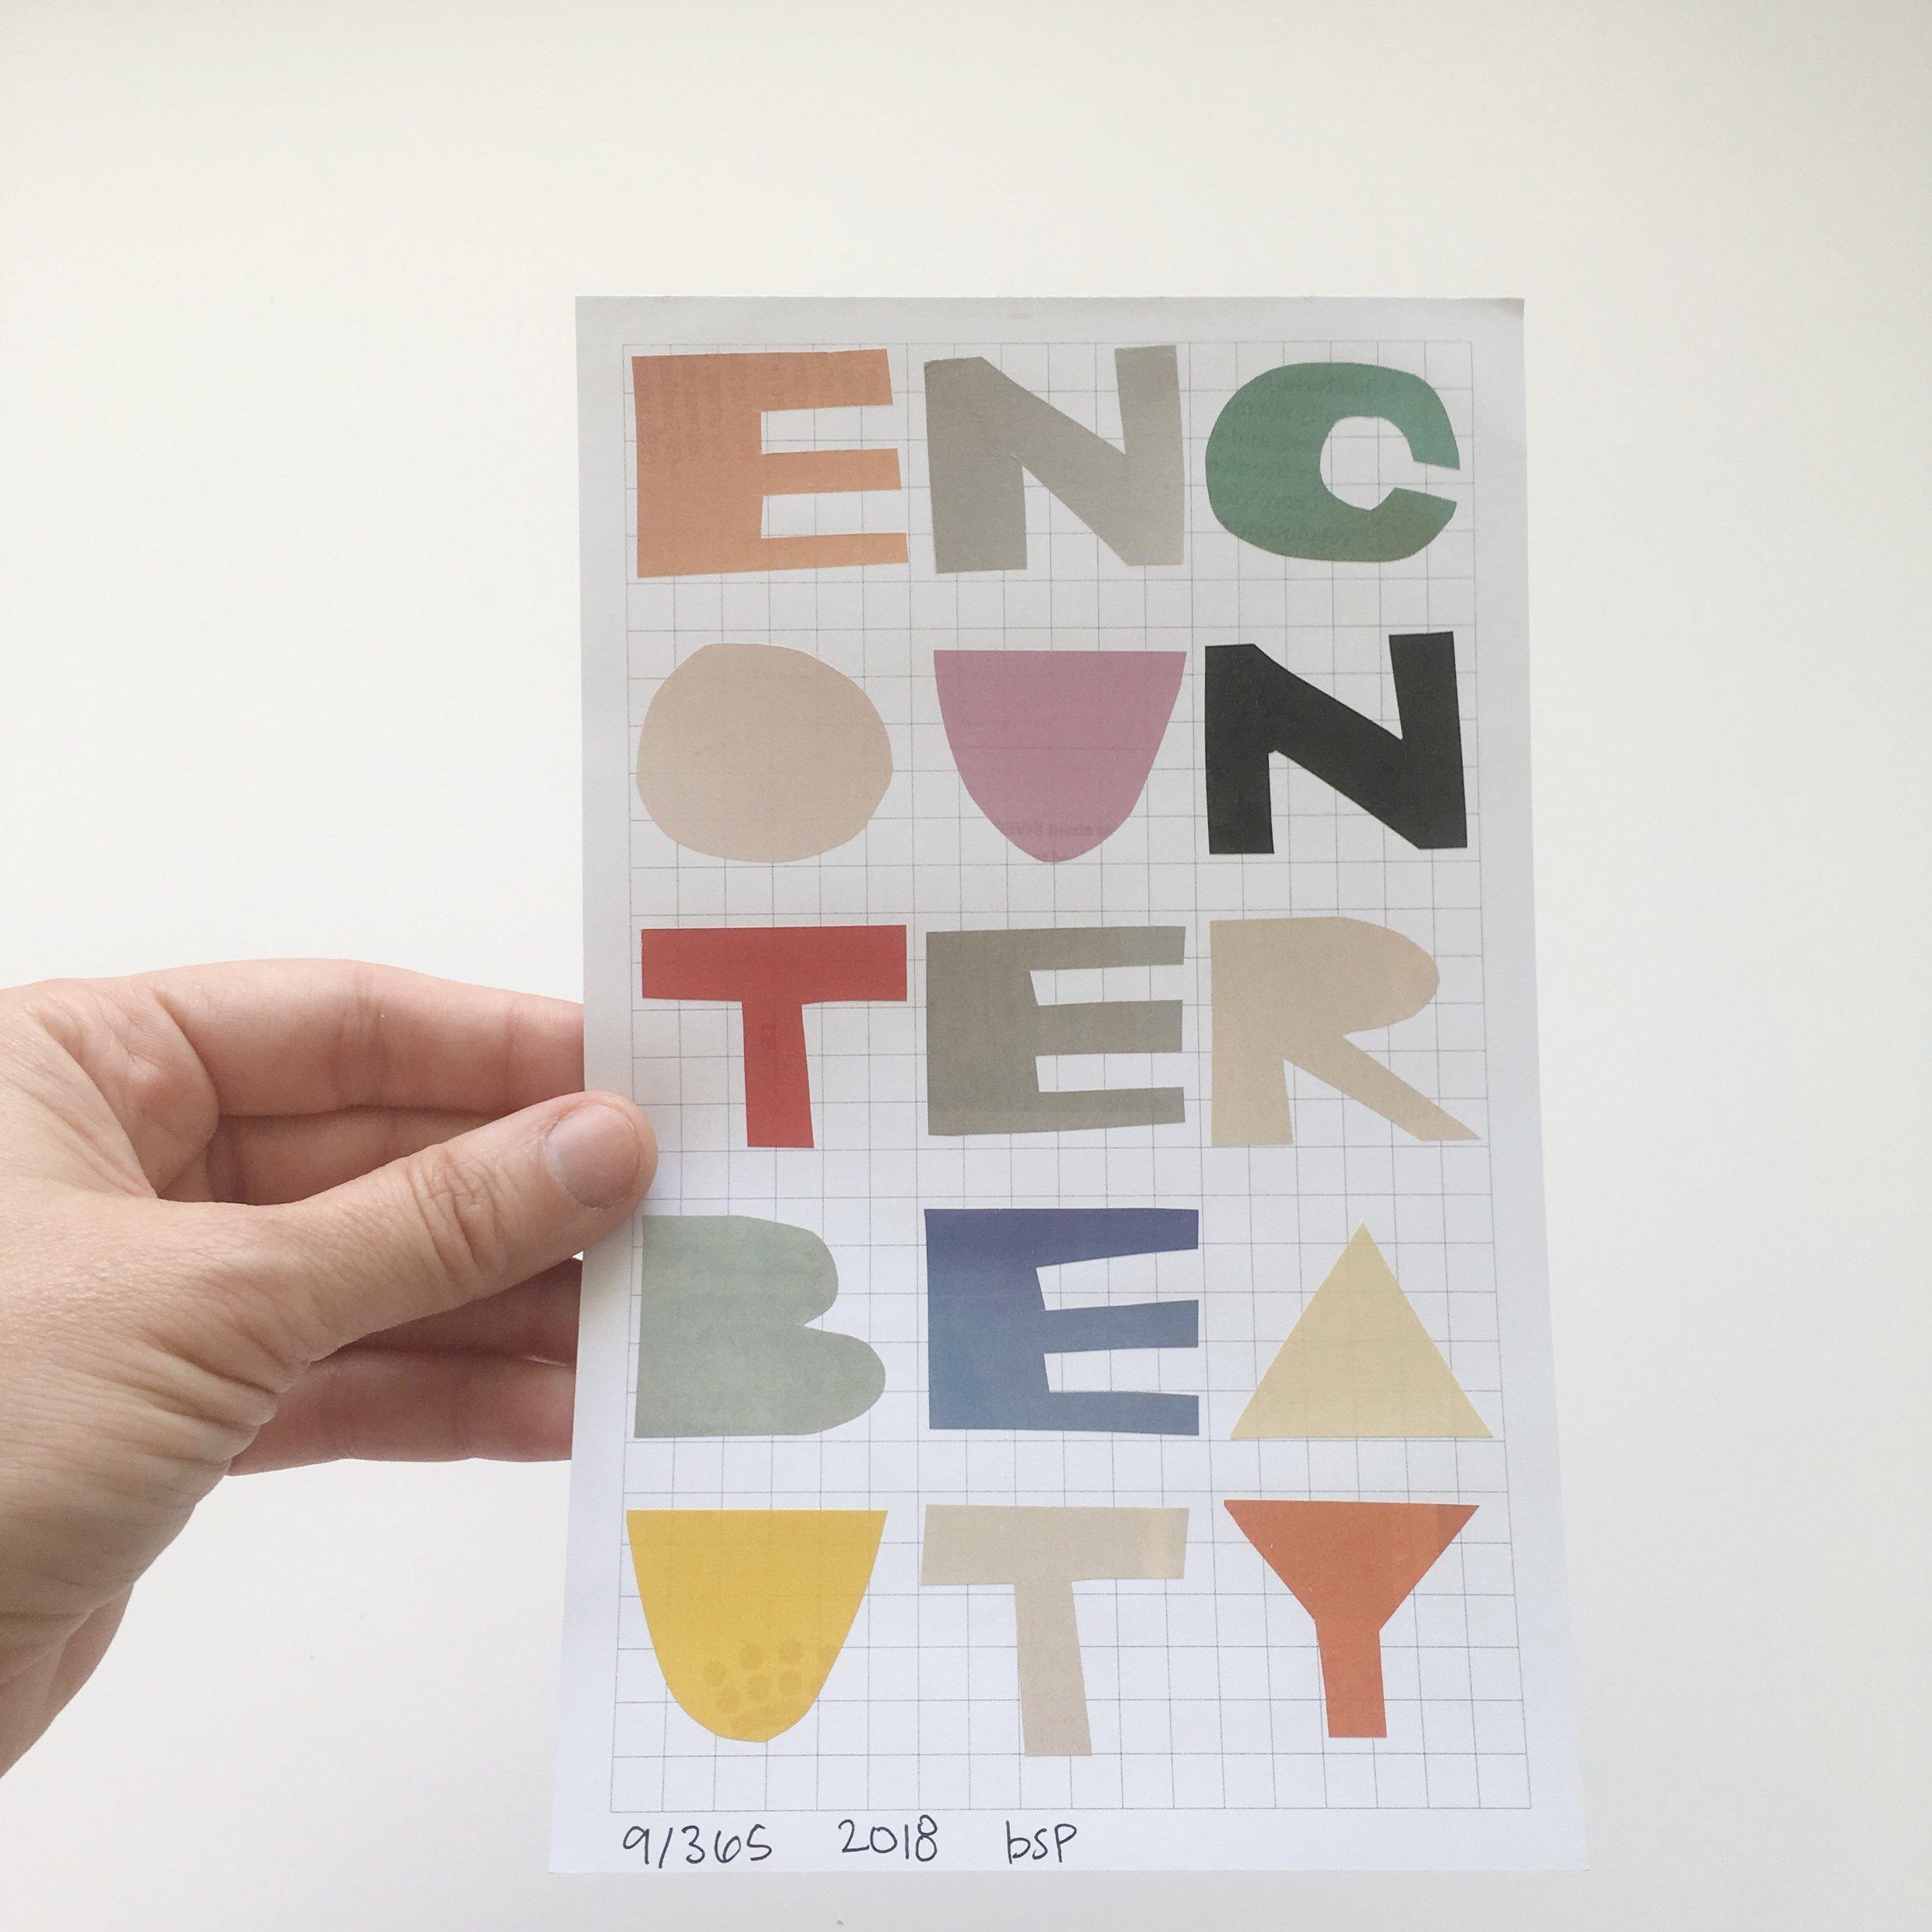 encounter beauty modern paper collage art by brooke petermann.JPG